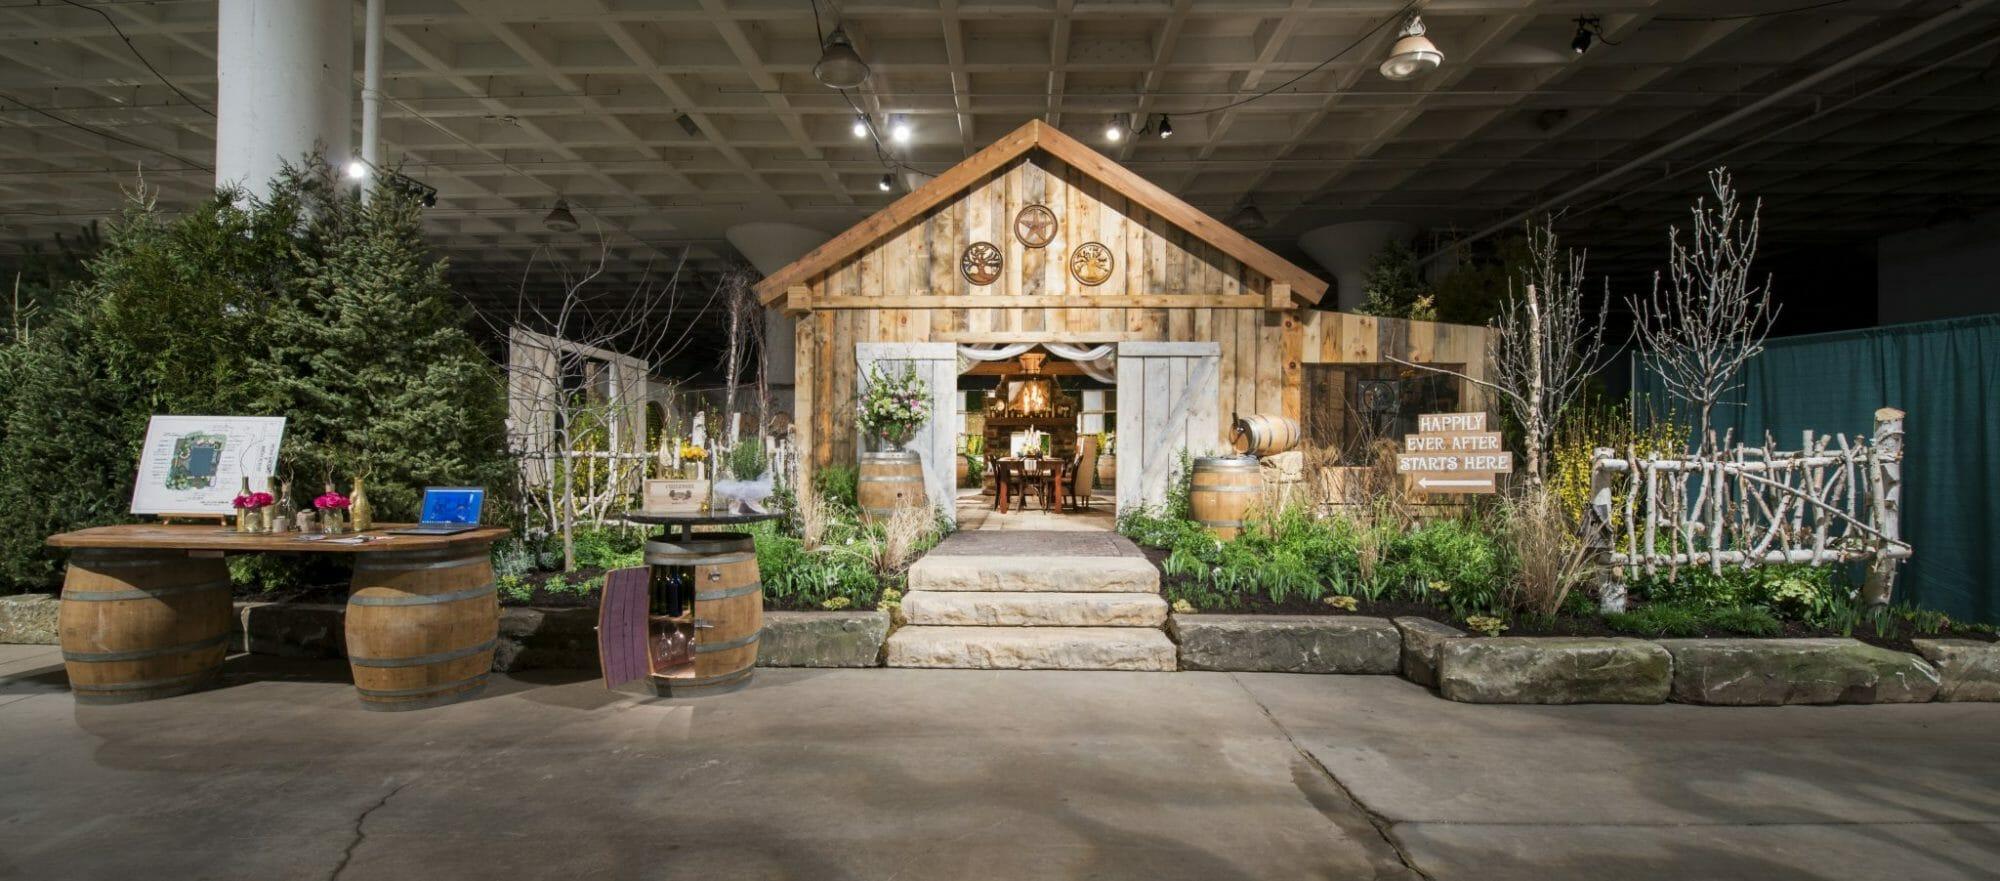 Wedding expo entrance